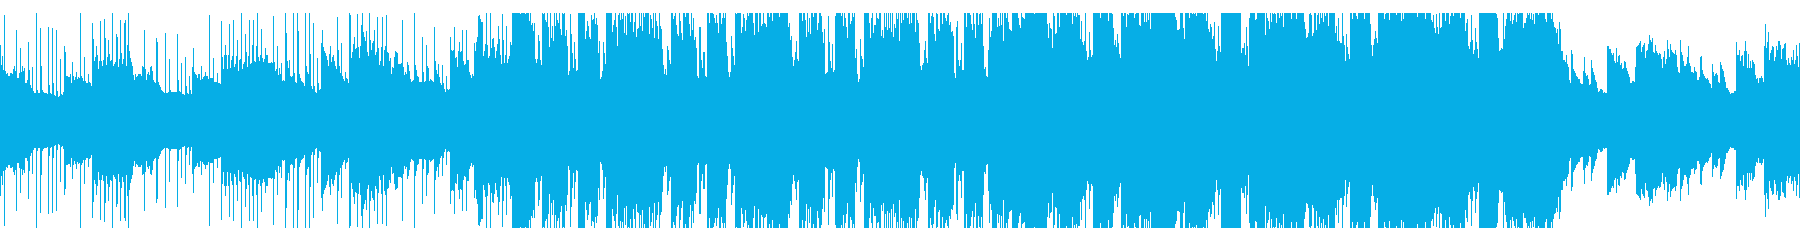 清涼感のあるオルガンPOPSの再生済みの波形